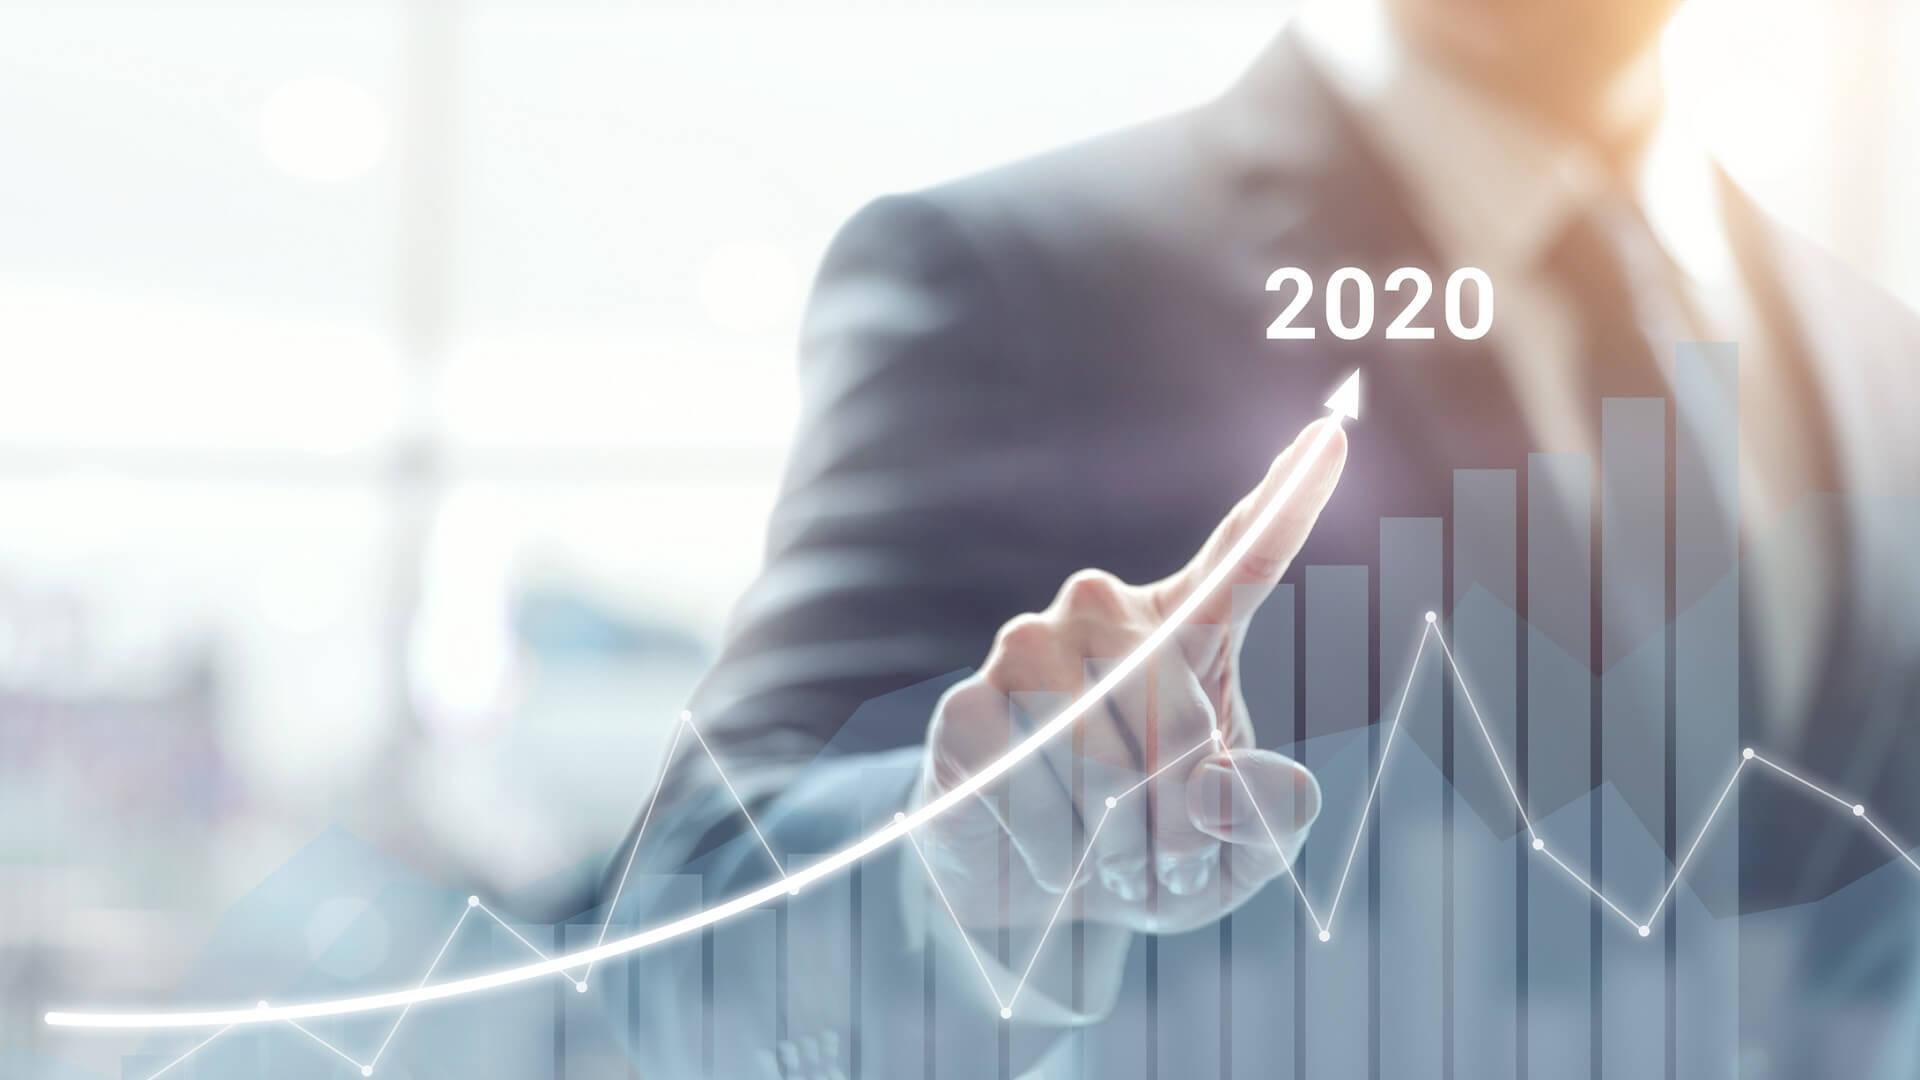 Hình nền kinh tế năm 2020 cho PowerPoint